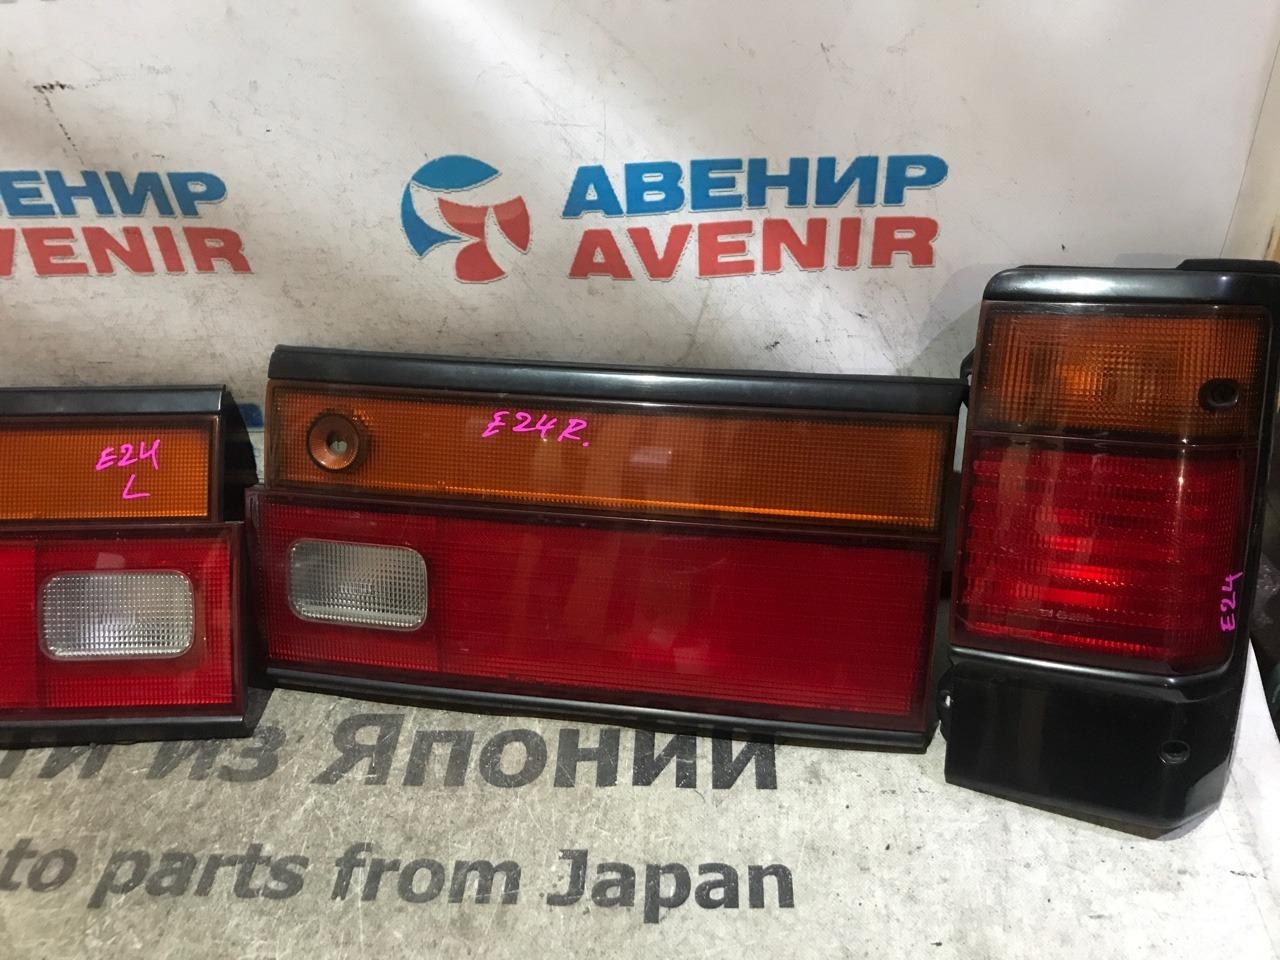 Стоп-вставка Nissan Caravan E24 задняя правая